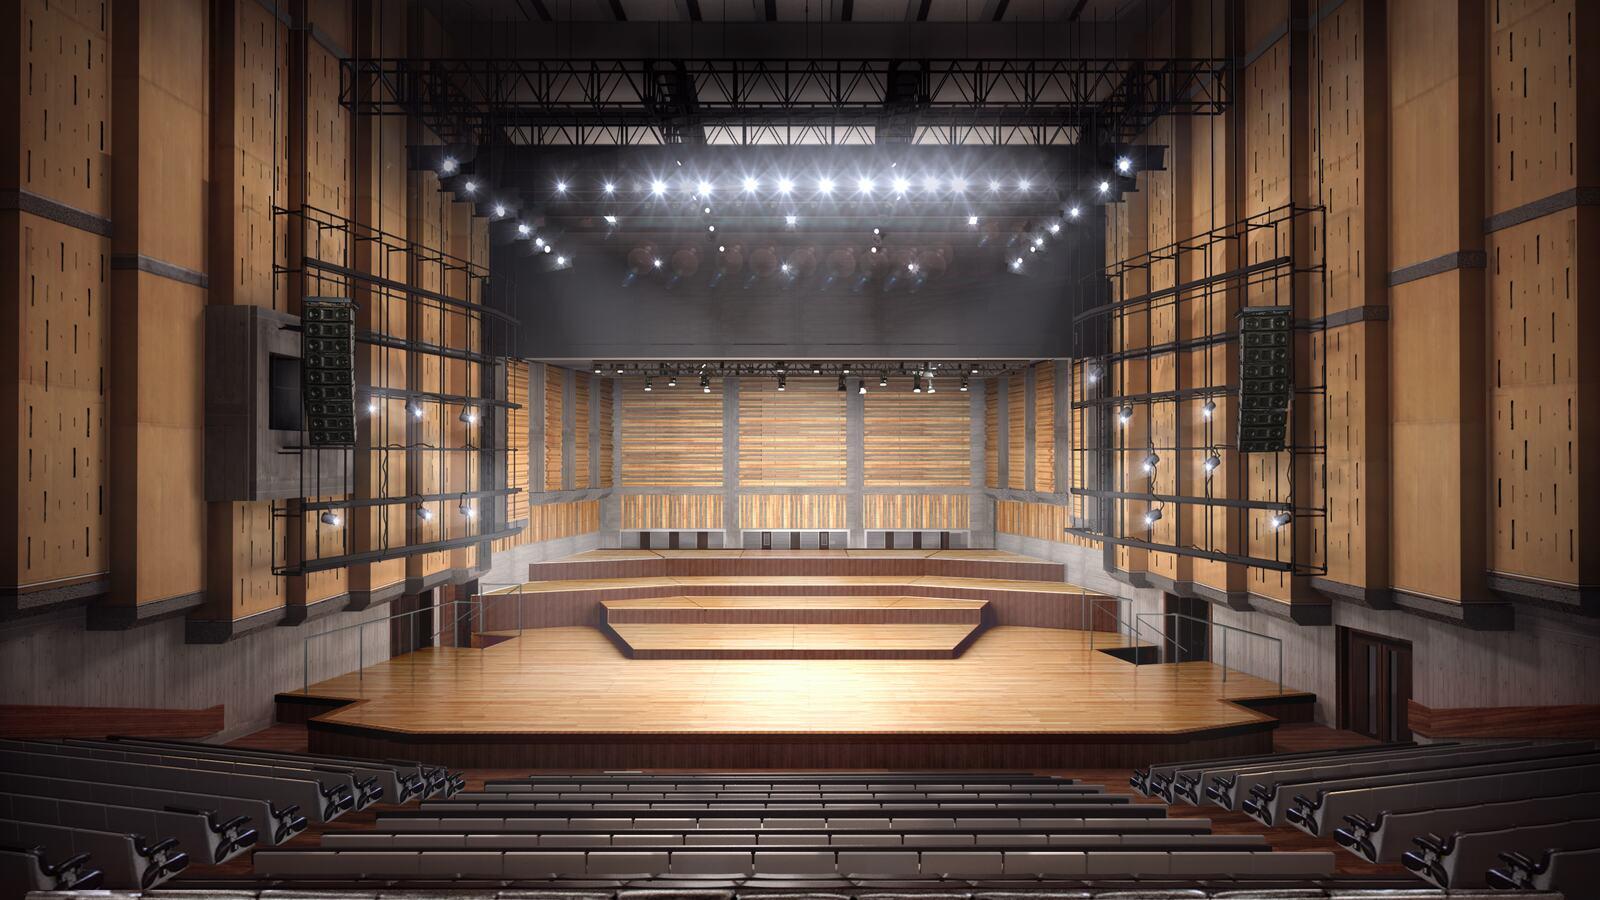 Interior view of Queen Elizabeth Hall auditorium